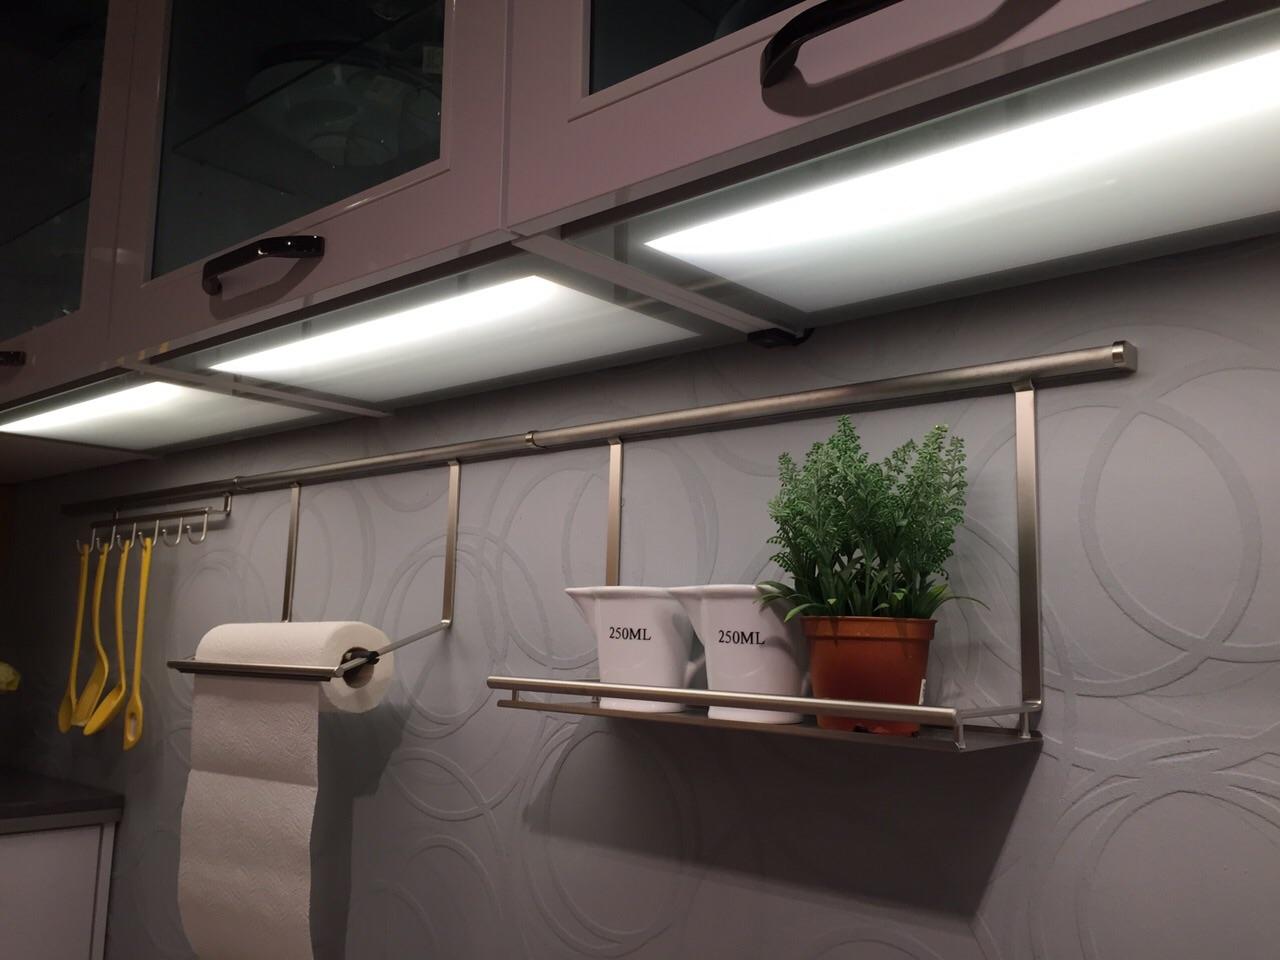 Full Size of Lampe Küche Beleuchtung In Der Kche Kchen Info Bogenlampe Esstisch Sockelblende Wandtatoo Billig Kaufen Modulküche Salamander Was Kostet Eine Neue Wohnzimmer Lampe Küche